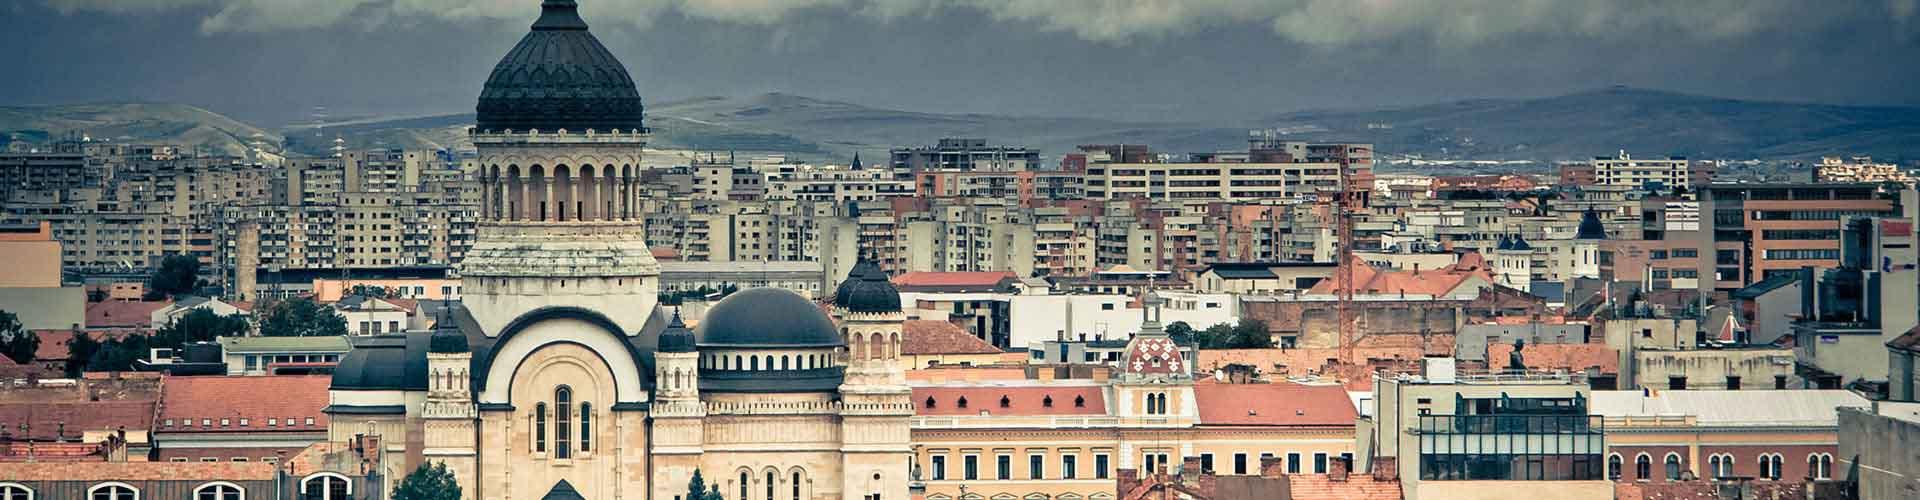 Cluj Napoca – Hostels in Cluj Napoca. Cluj Napoca auf der Karte. Fotos und Bewertungen für jedes Hostel in Cluj Napoca.